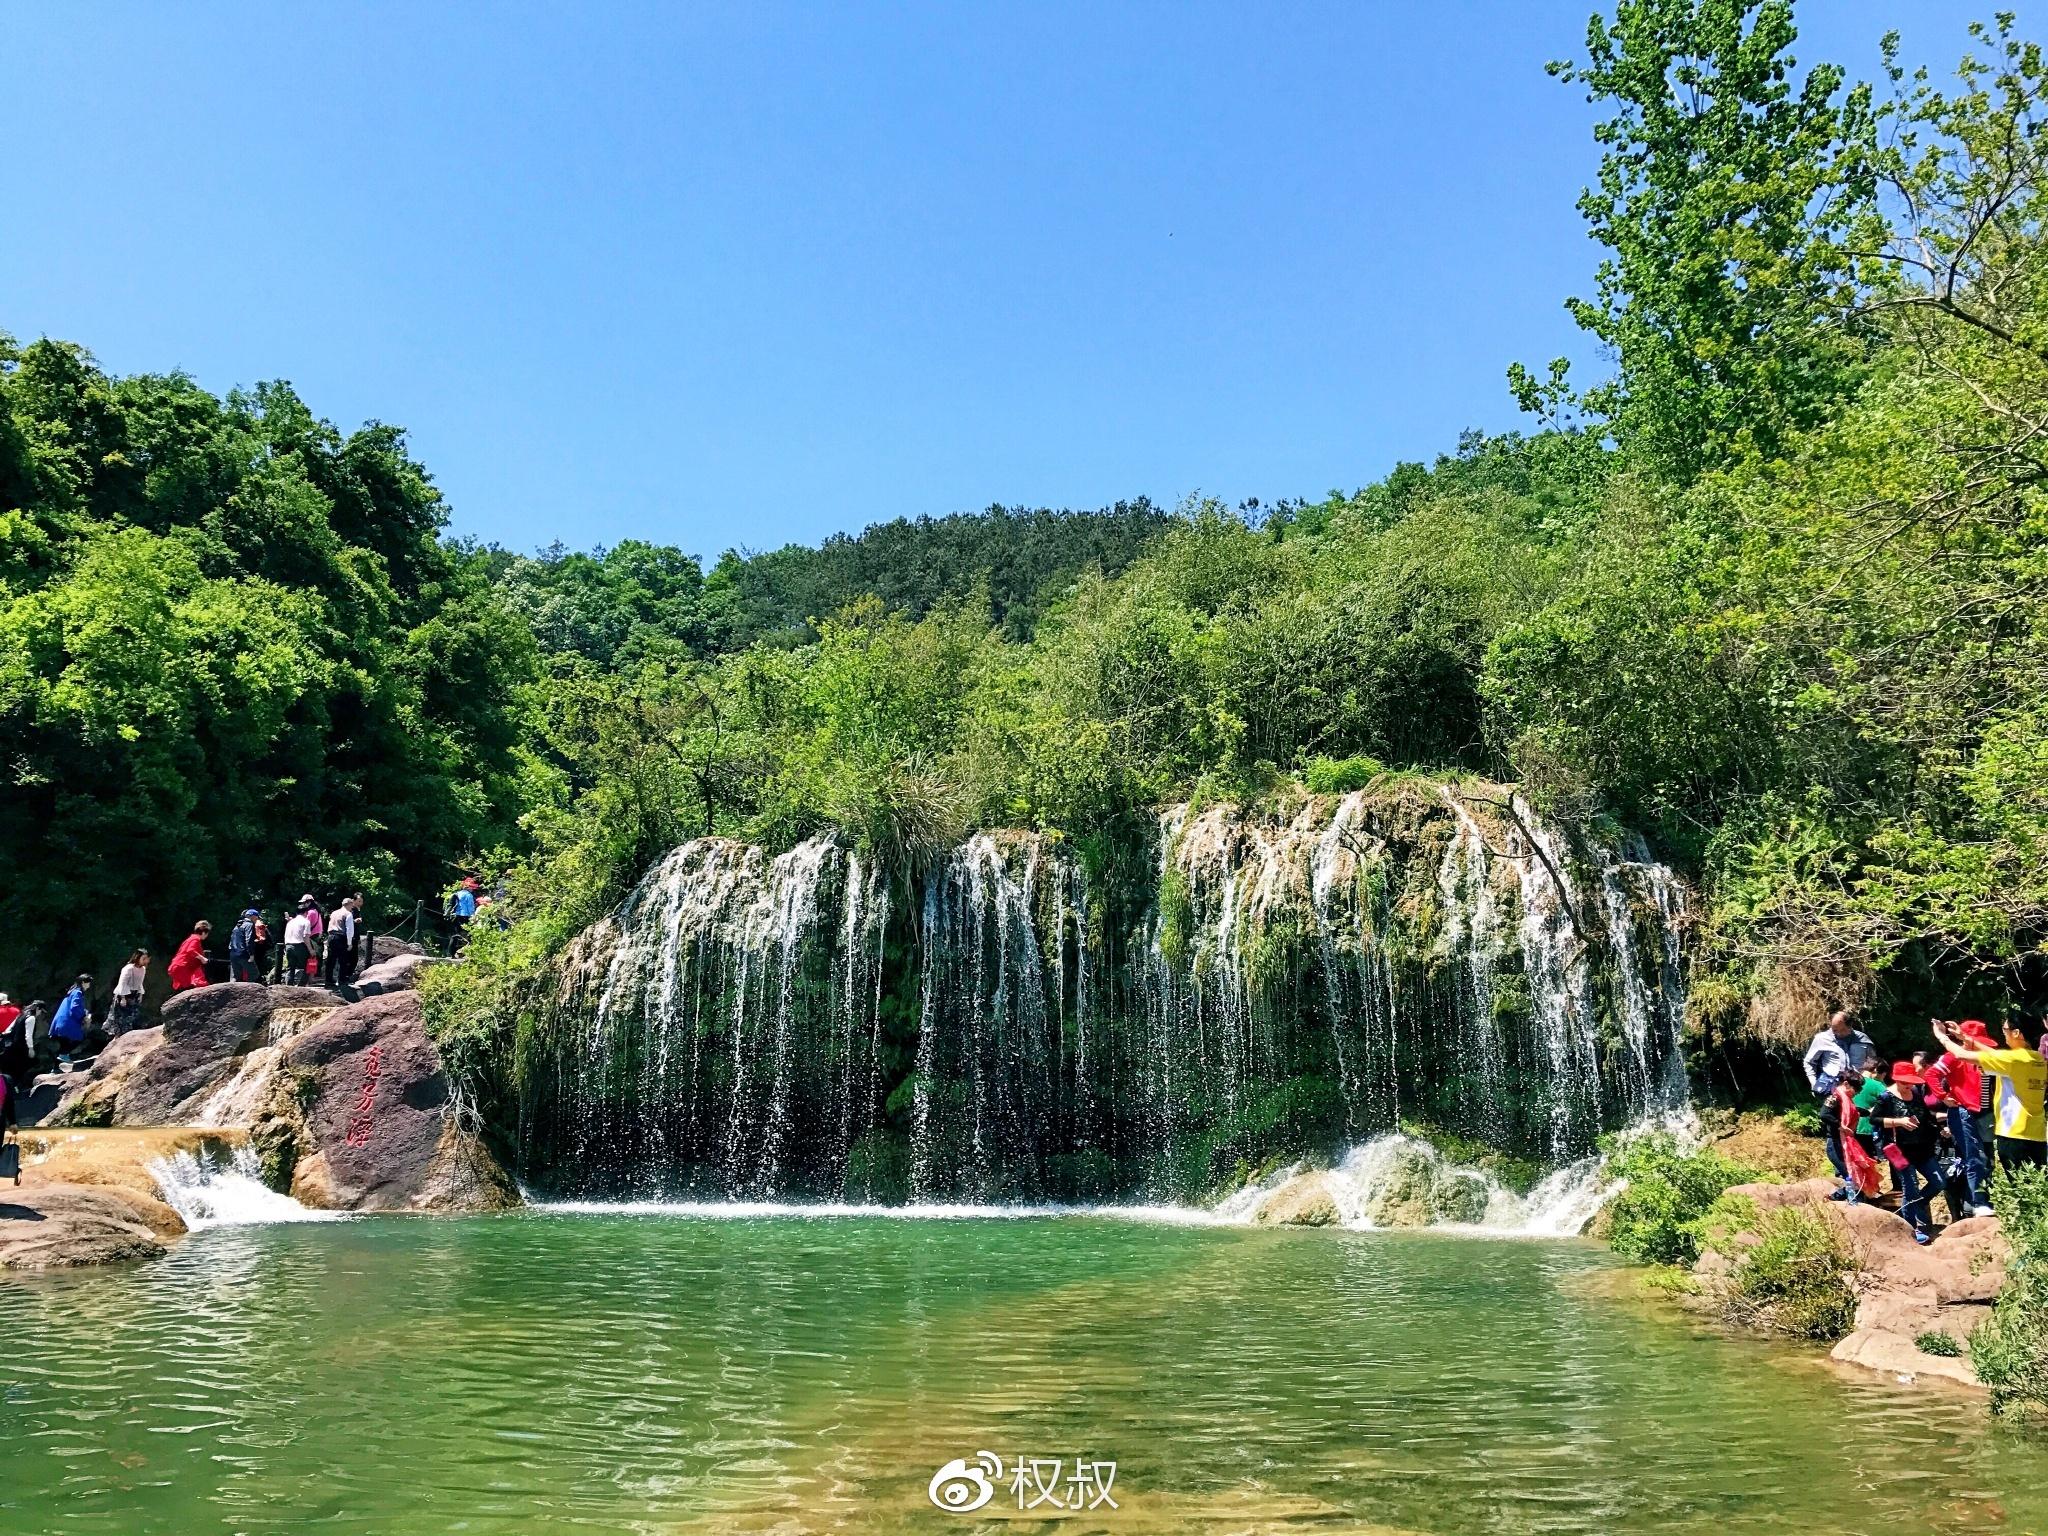 面积约23平方公里,全长2公里,沿途风景如画,四季花开,美女景观和美人